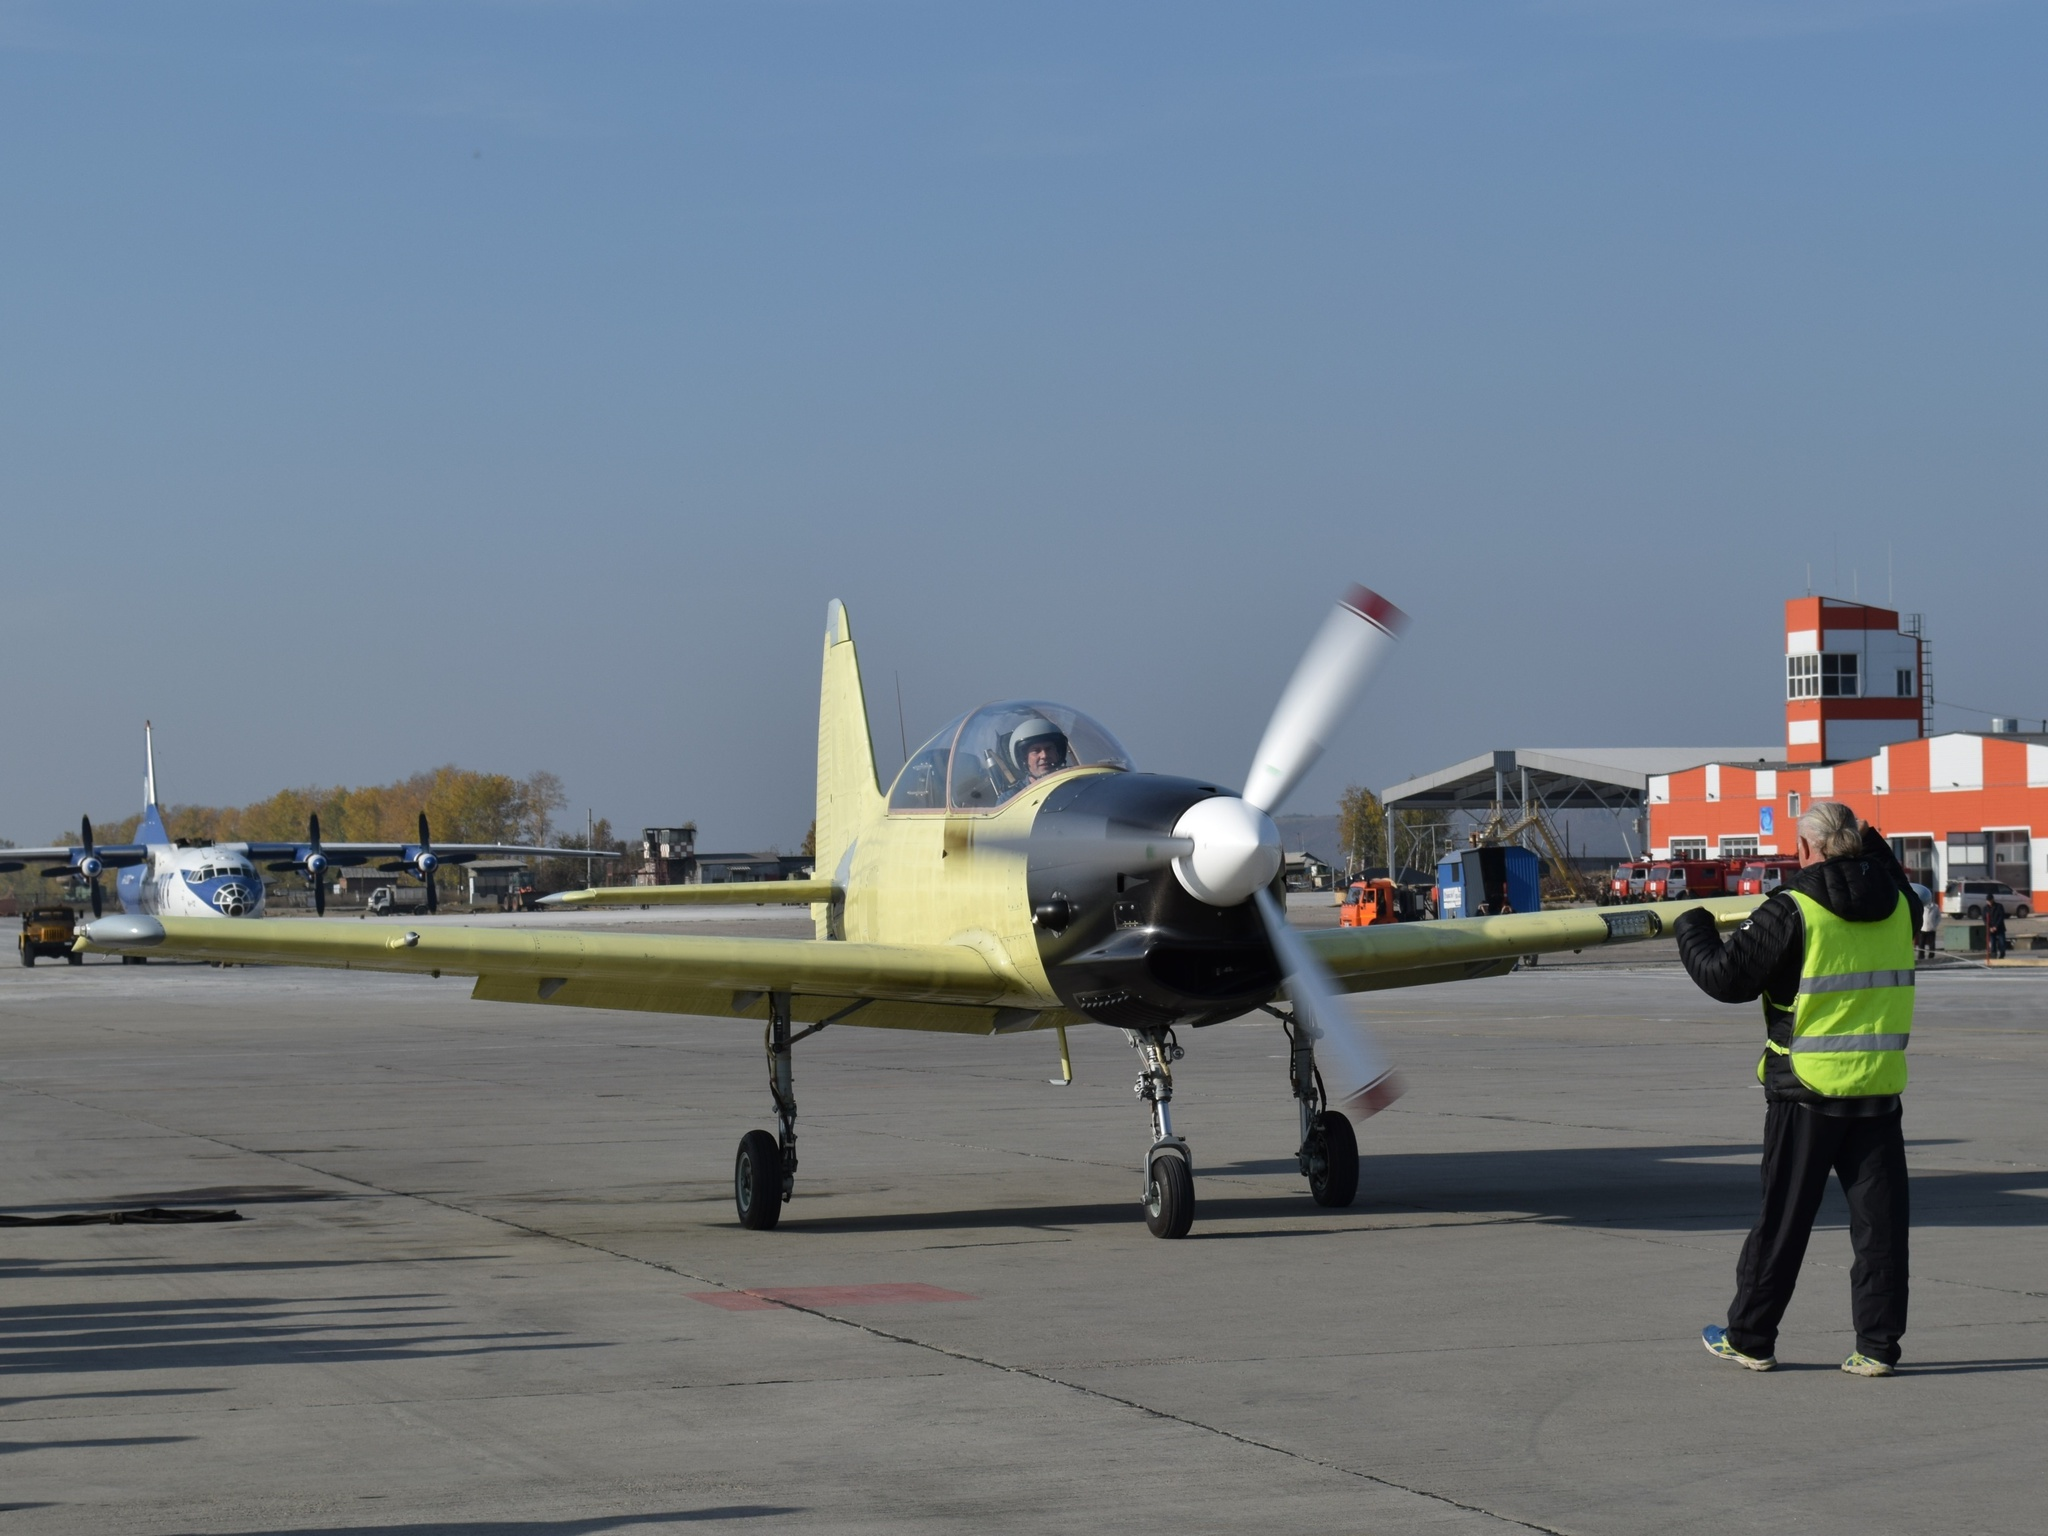 Продажа авиационной техники в Харькове